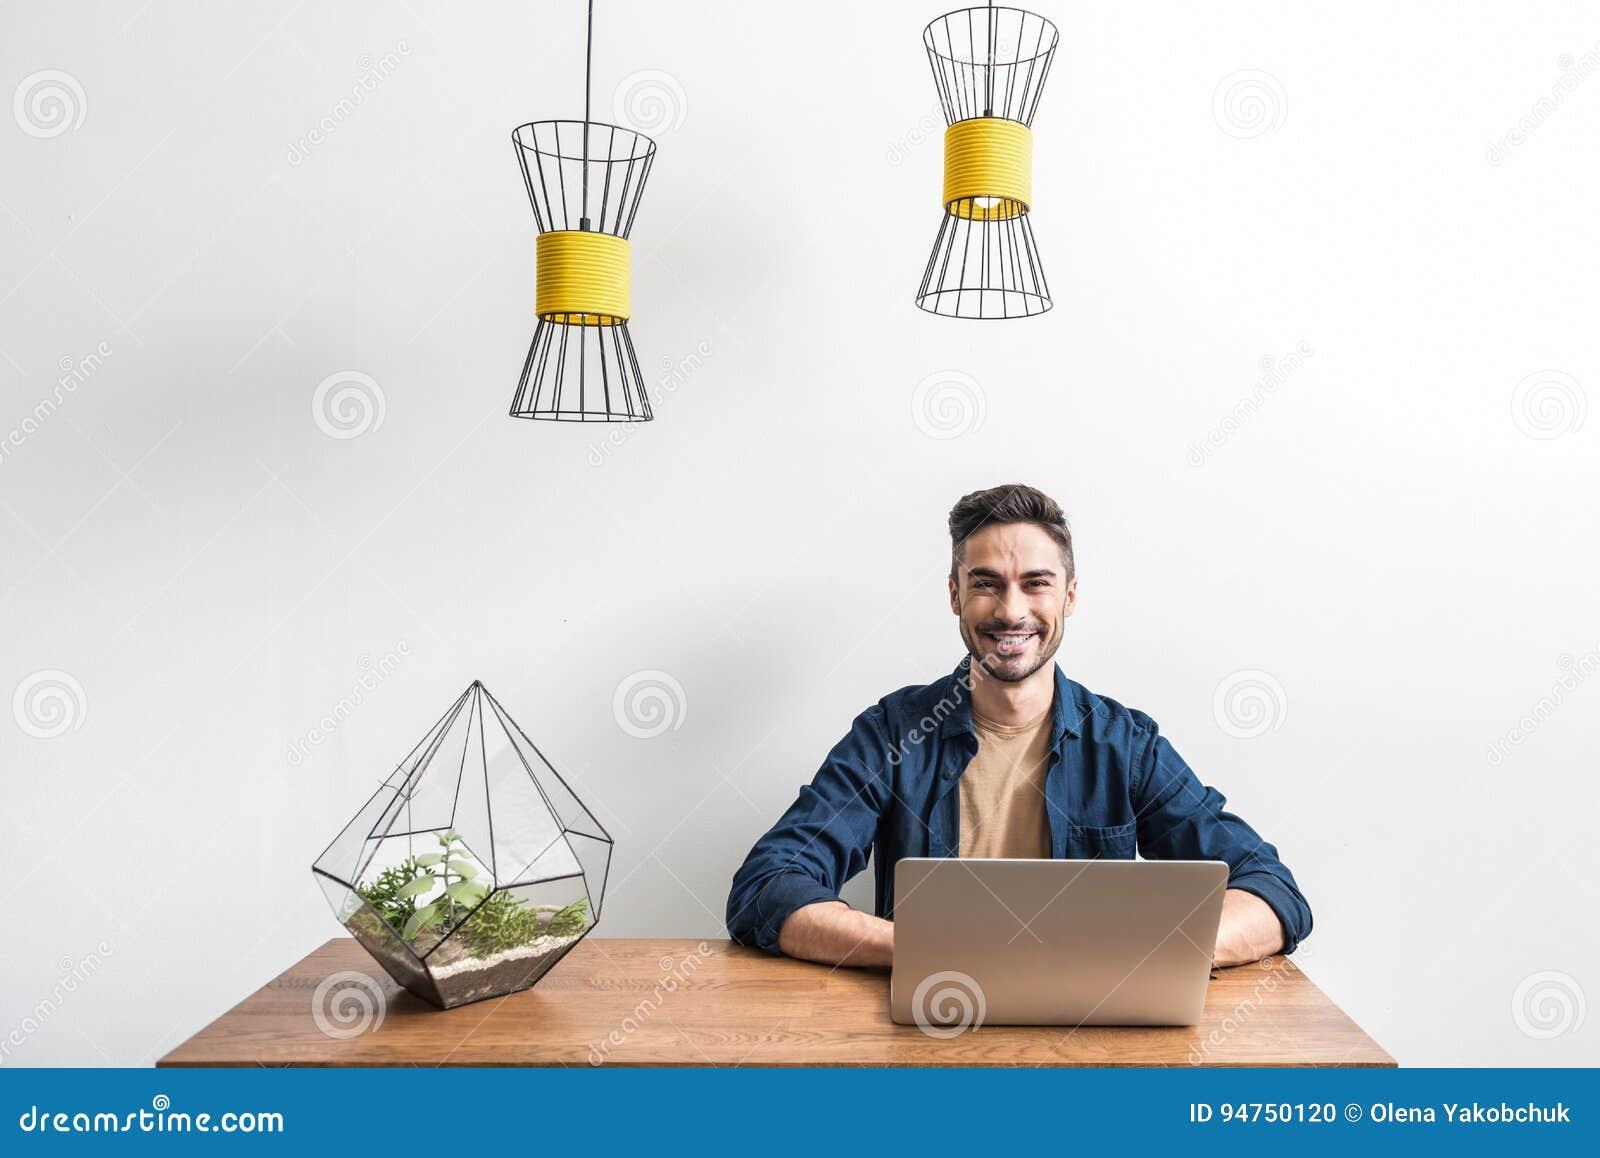 Χαρωπός νεανικός τύπος που λειτουργεί μέσω του σημειωματάριου στο σπίτι